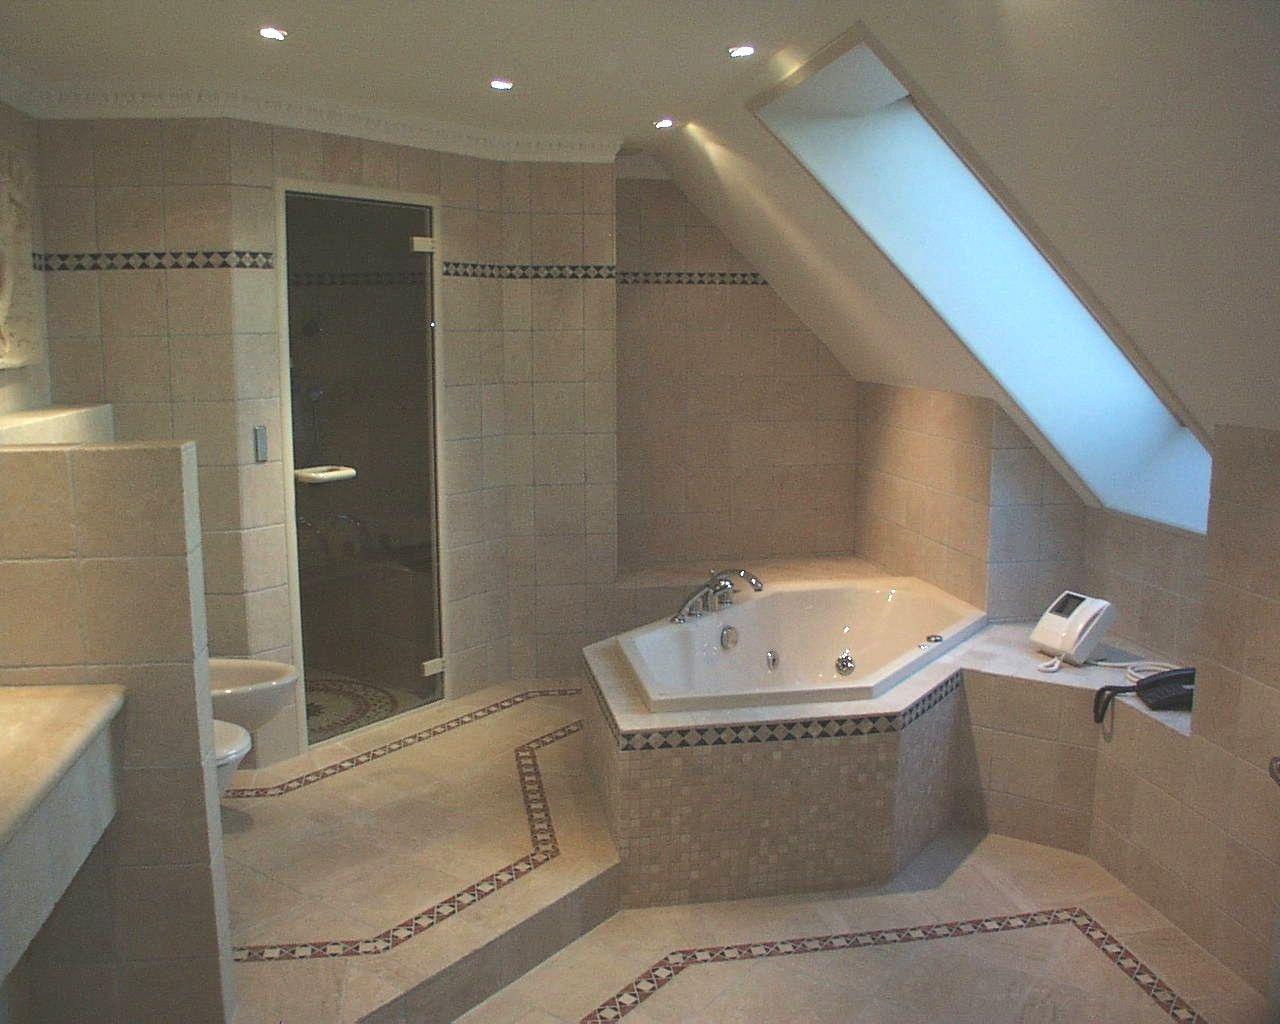 Natuursteen Voor Badkamer : Design badkamer natuursteen badkamer ideeën